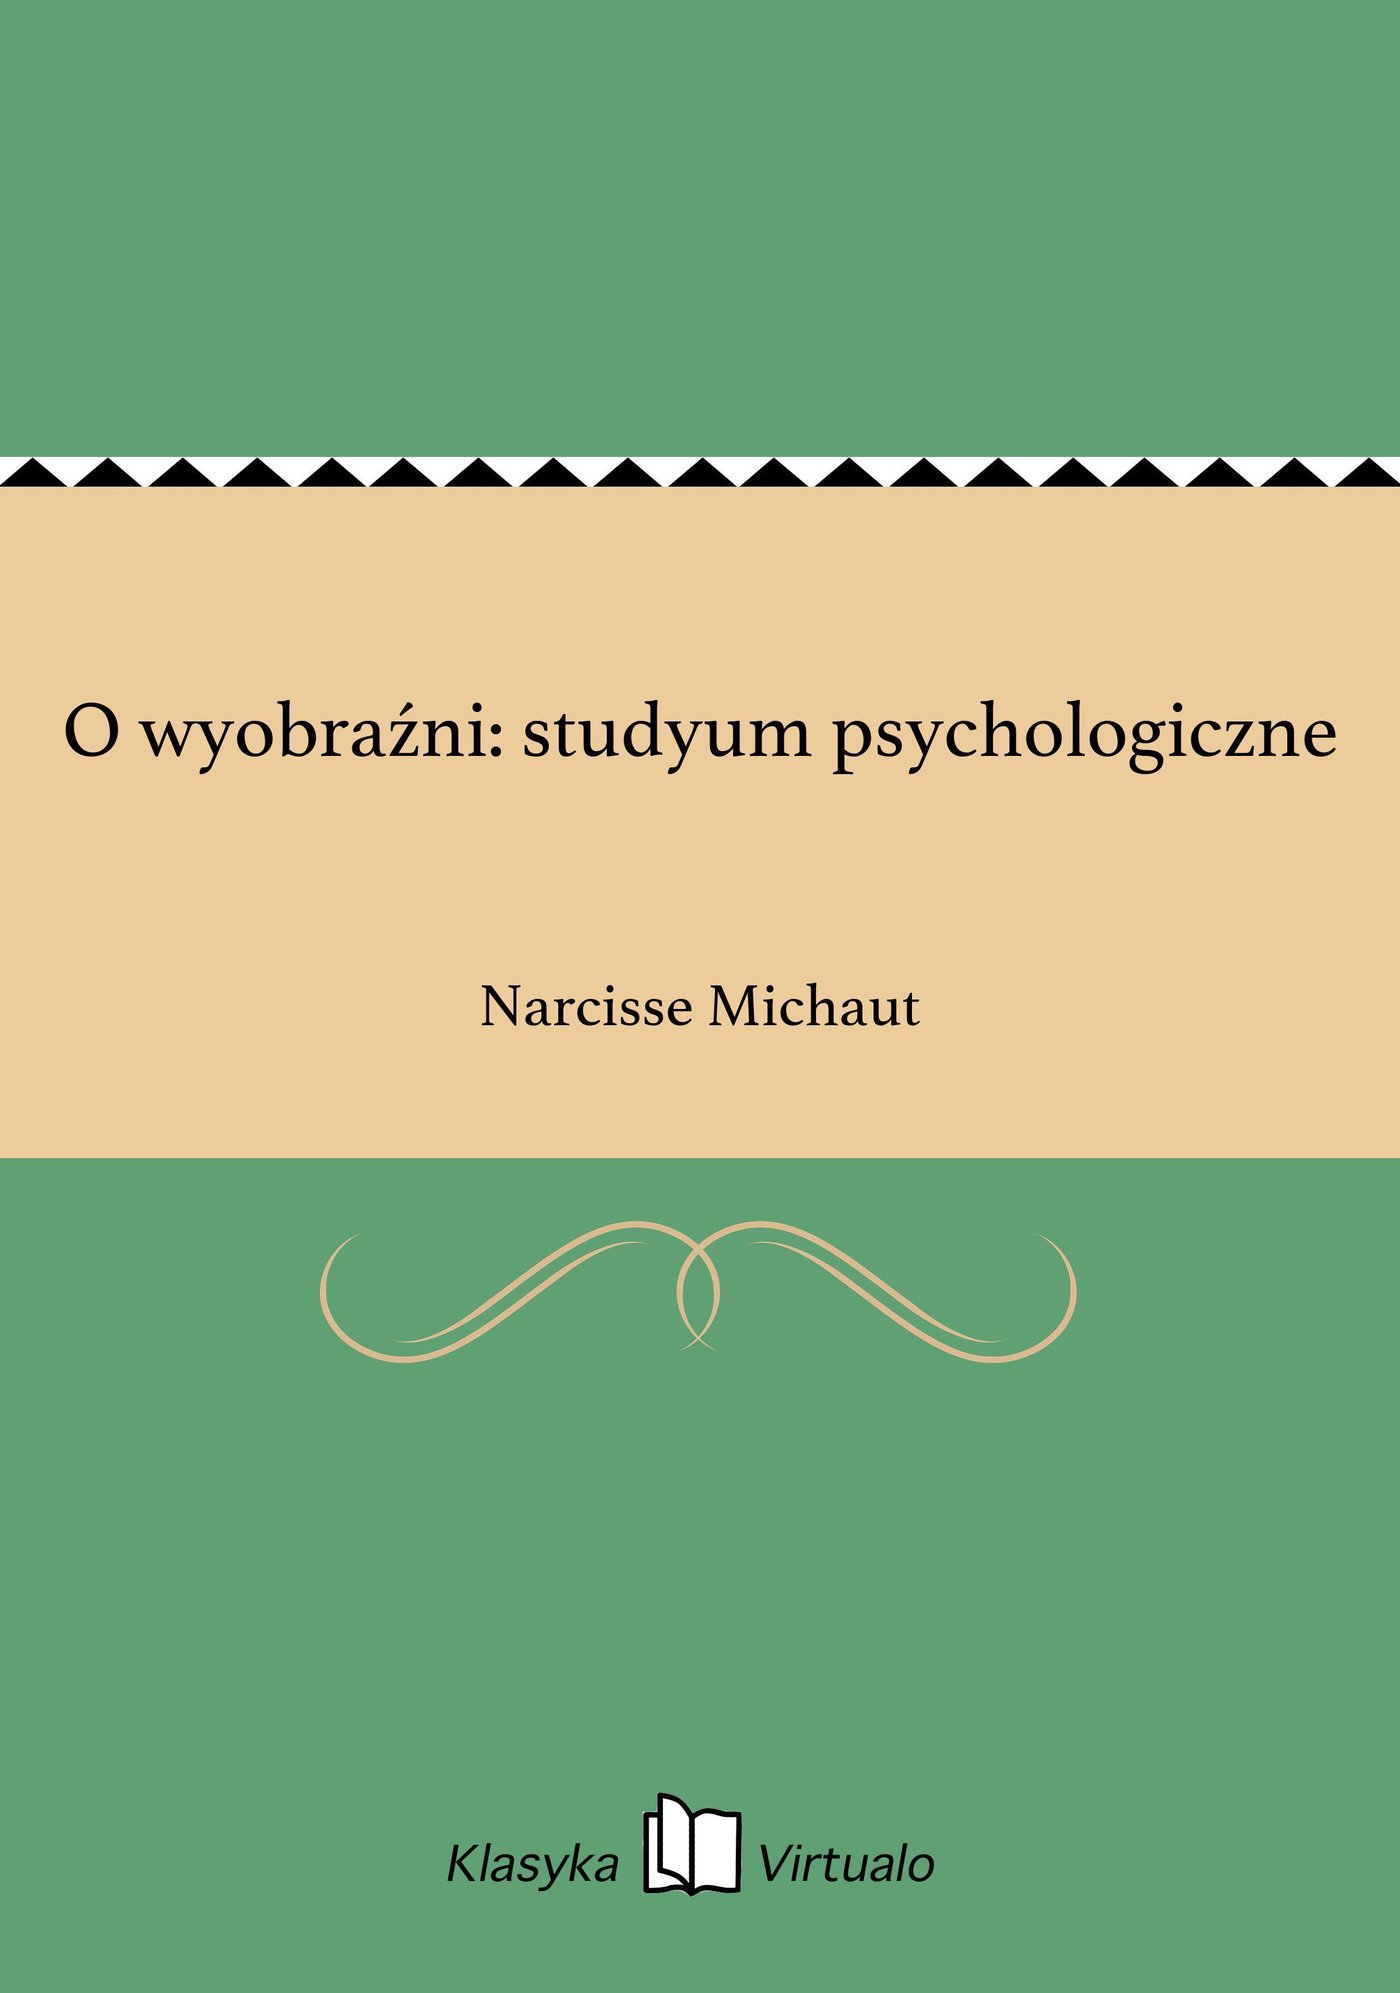 O wyobraźni: studyum psychologiczne - Ebook (Książka EPUB) do pobrania w formacie EPUB